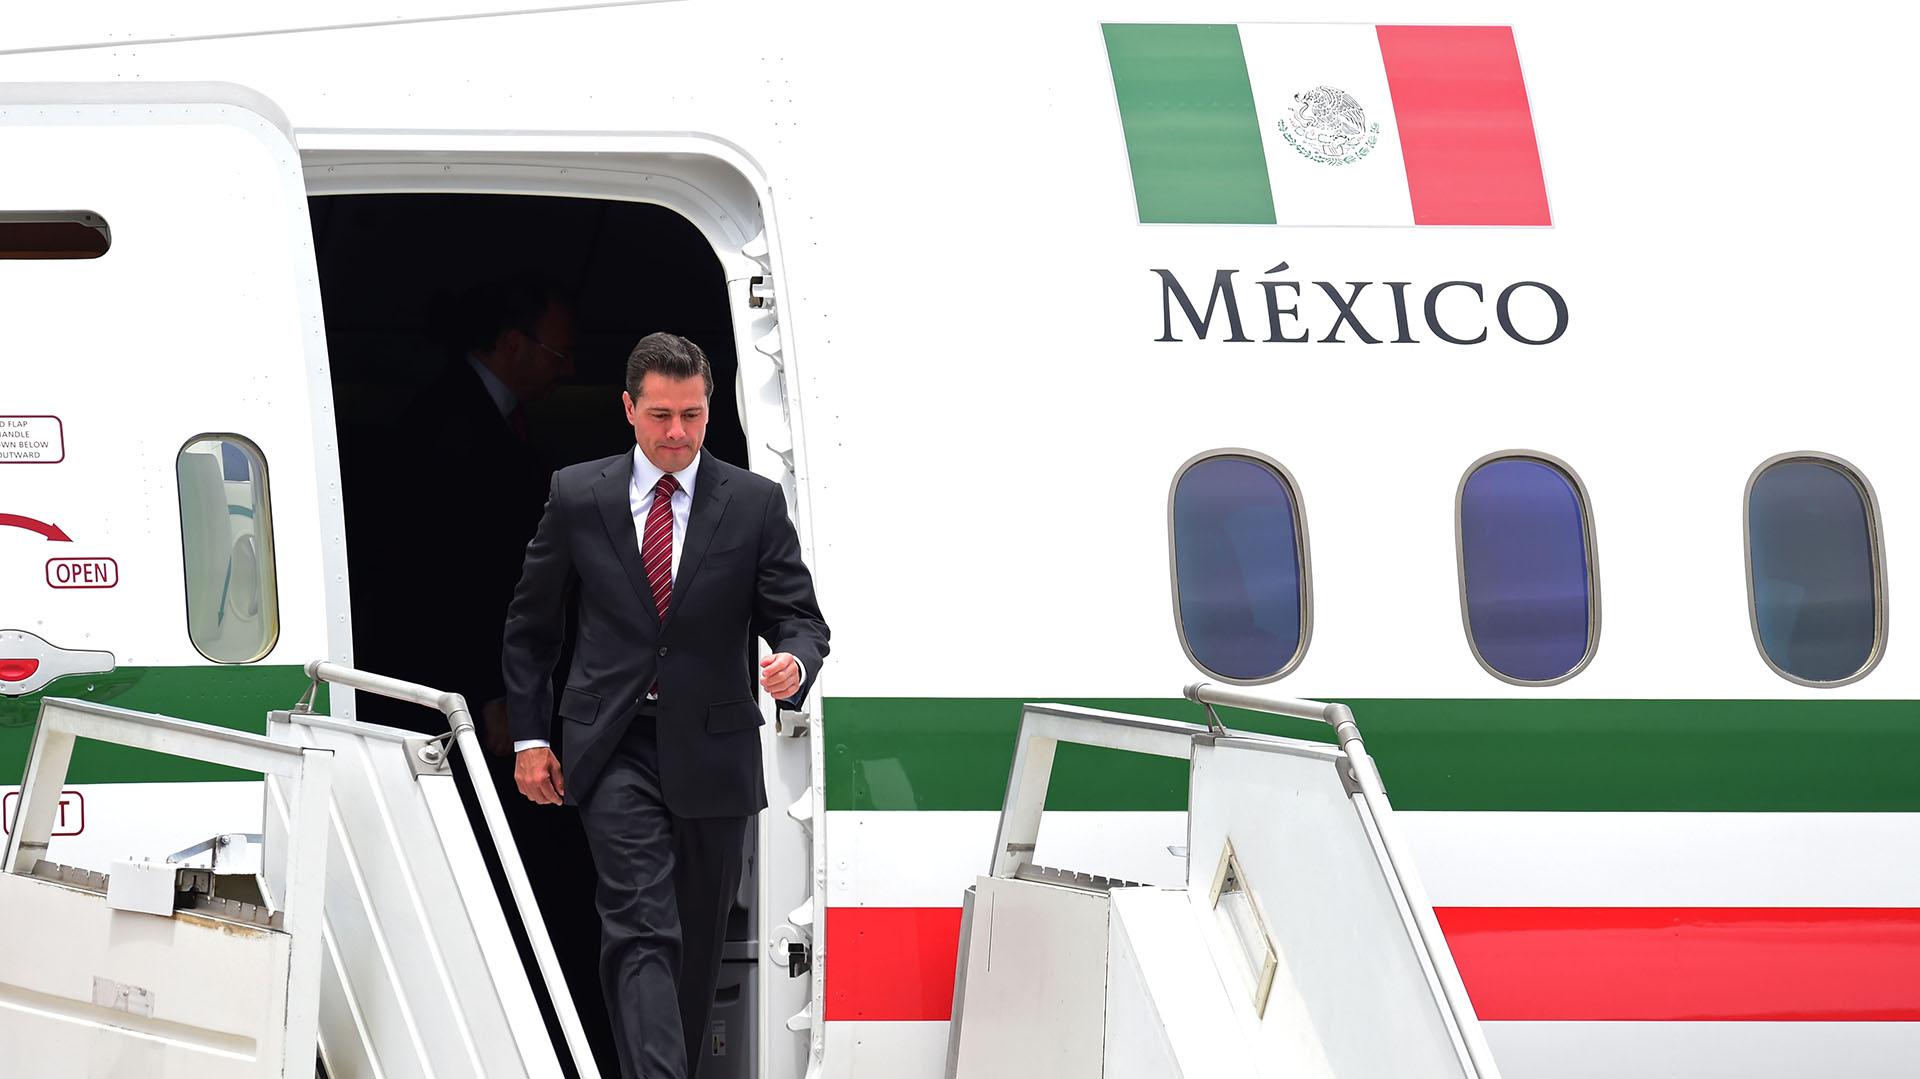 La llegada del presidente mexicano, Enrique Peña Nieto